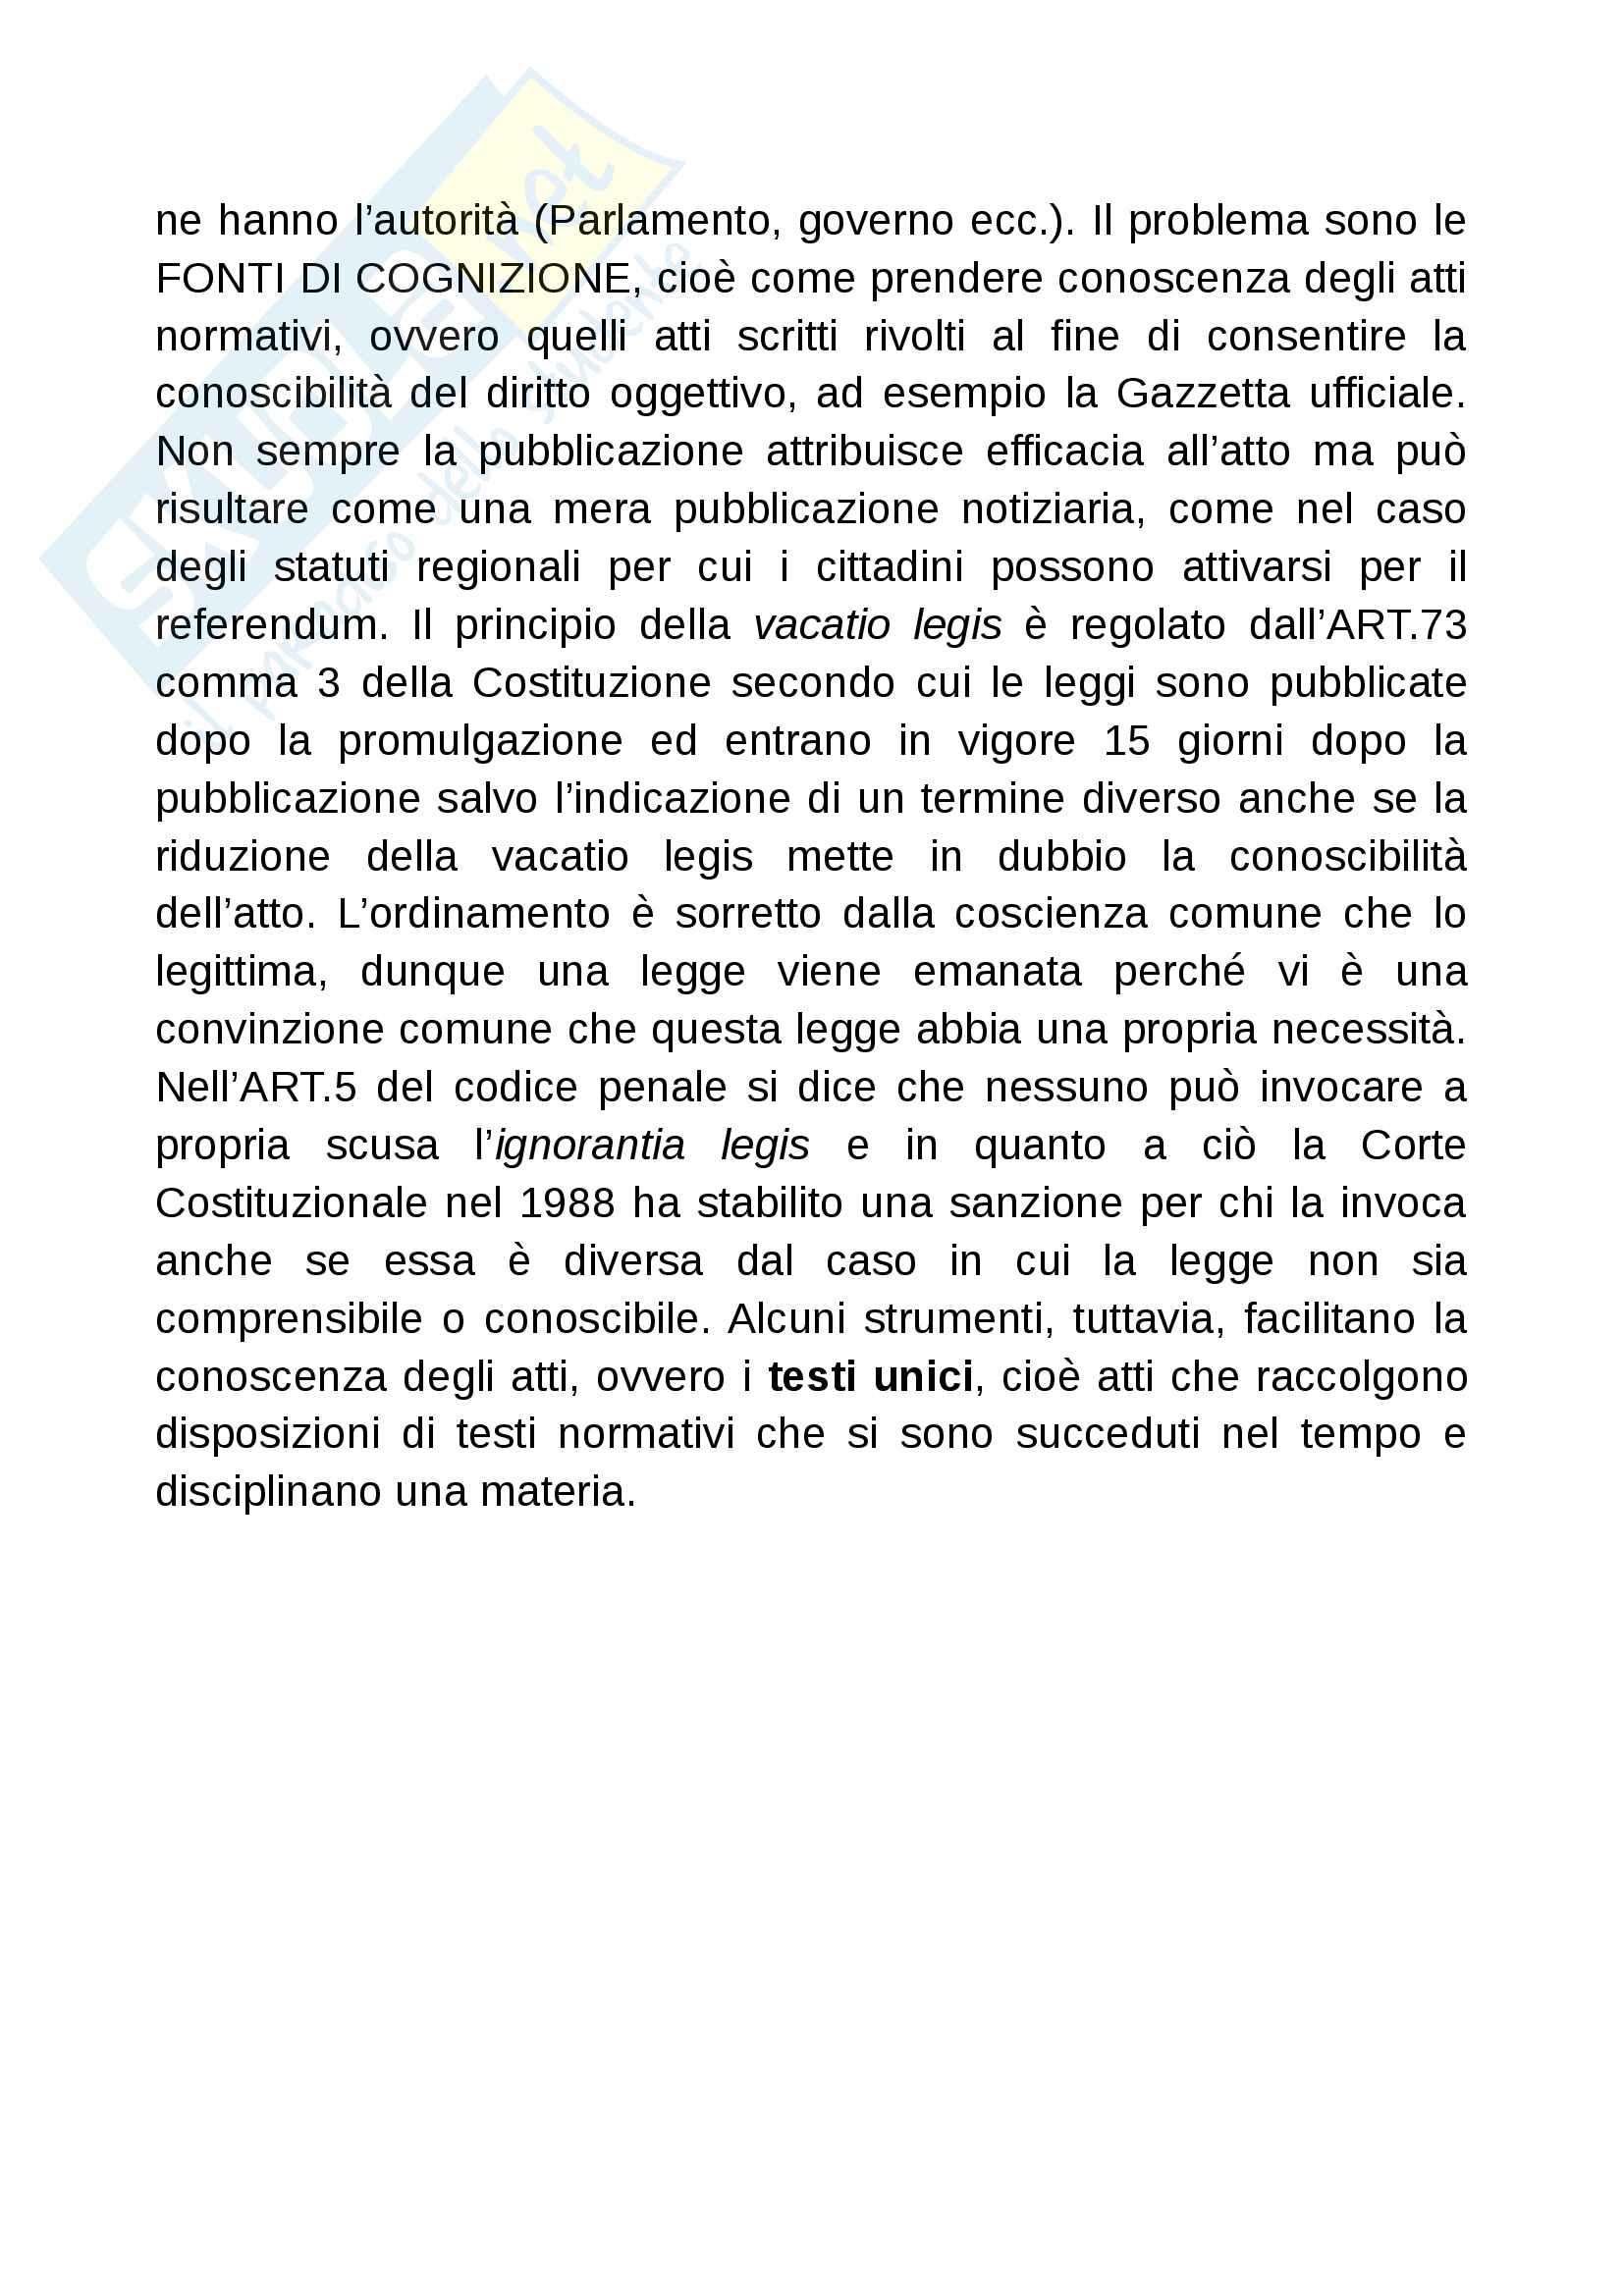 Diritto costituzionale II prof Romboli Pag. 2